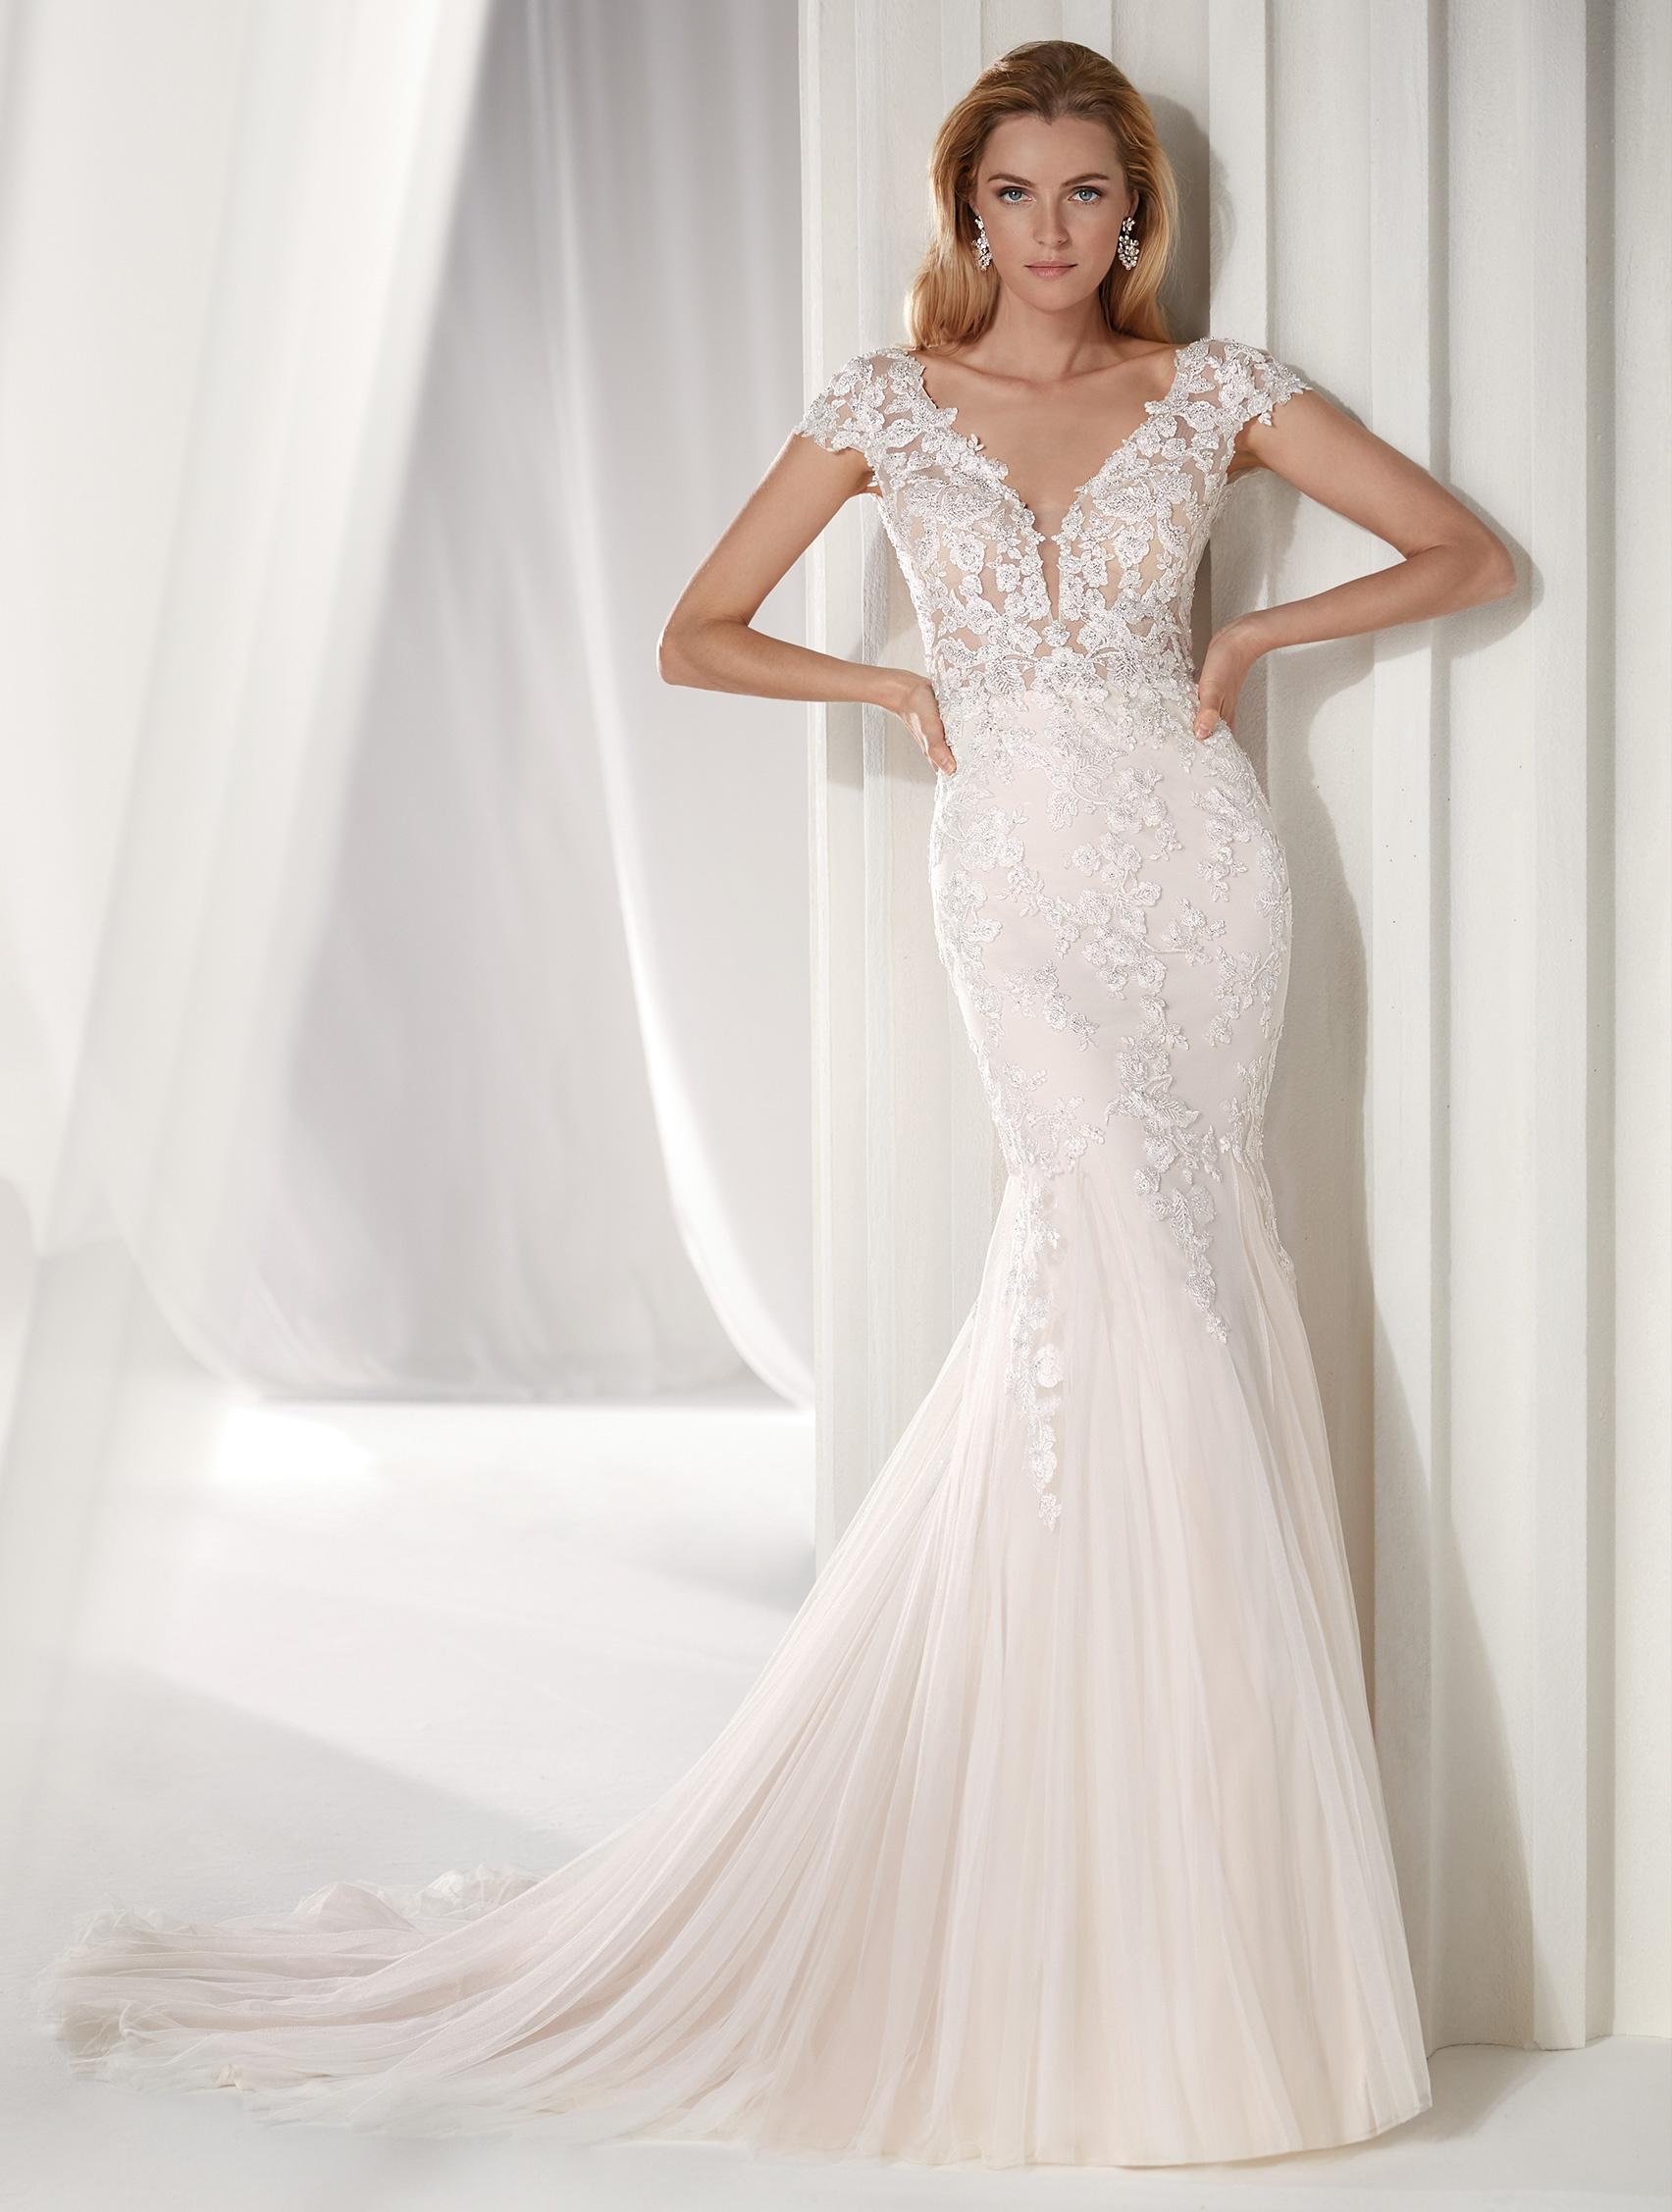 Nicole Spose, italienische hochzeitskleider, Hochzeitskleid